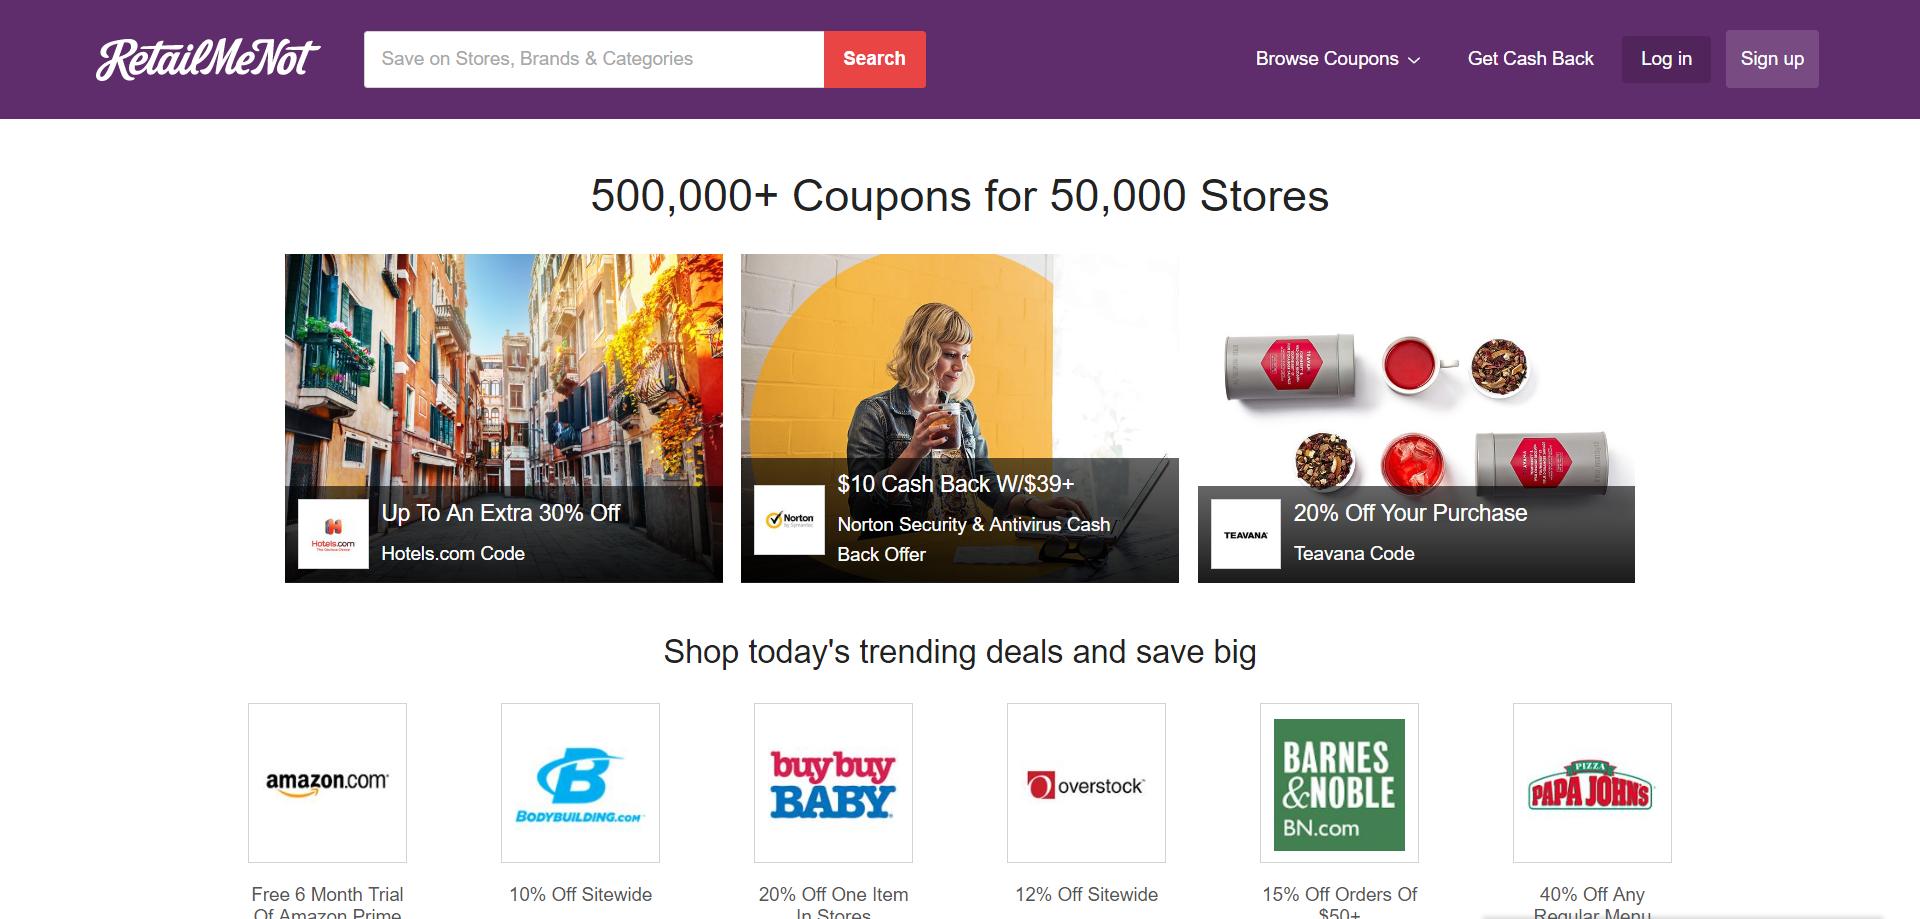 www.retailmenot.com